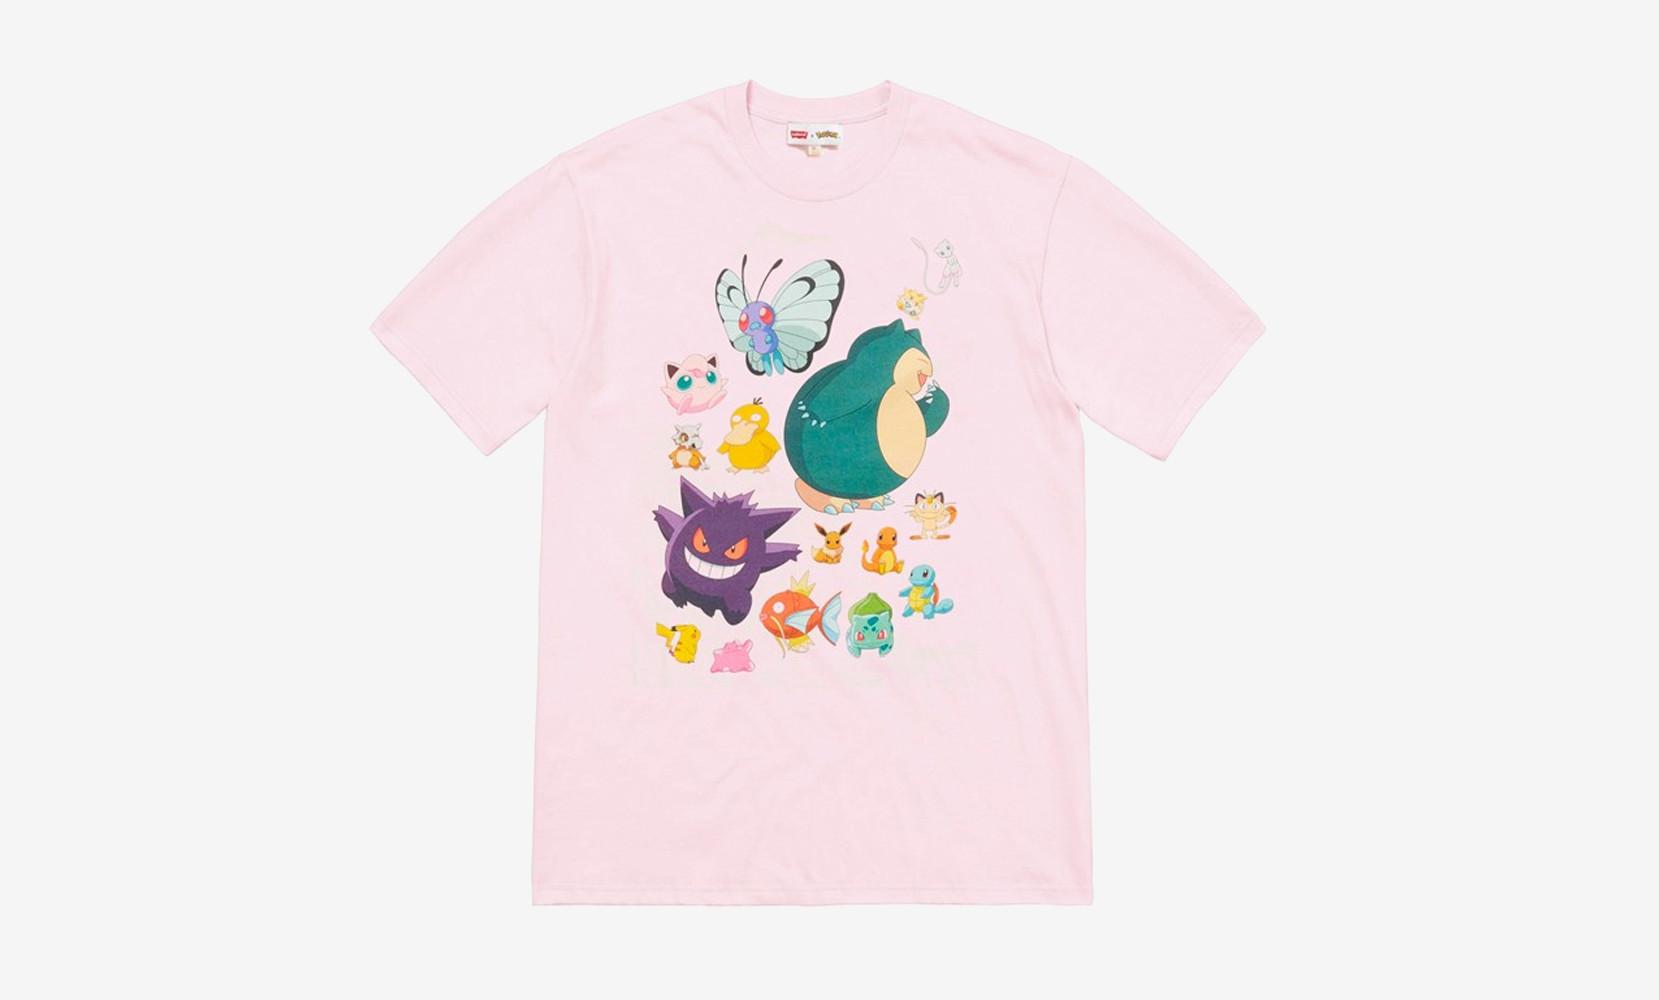 Pokémon x Levis capsule collection